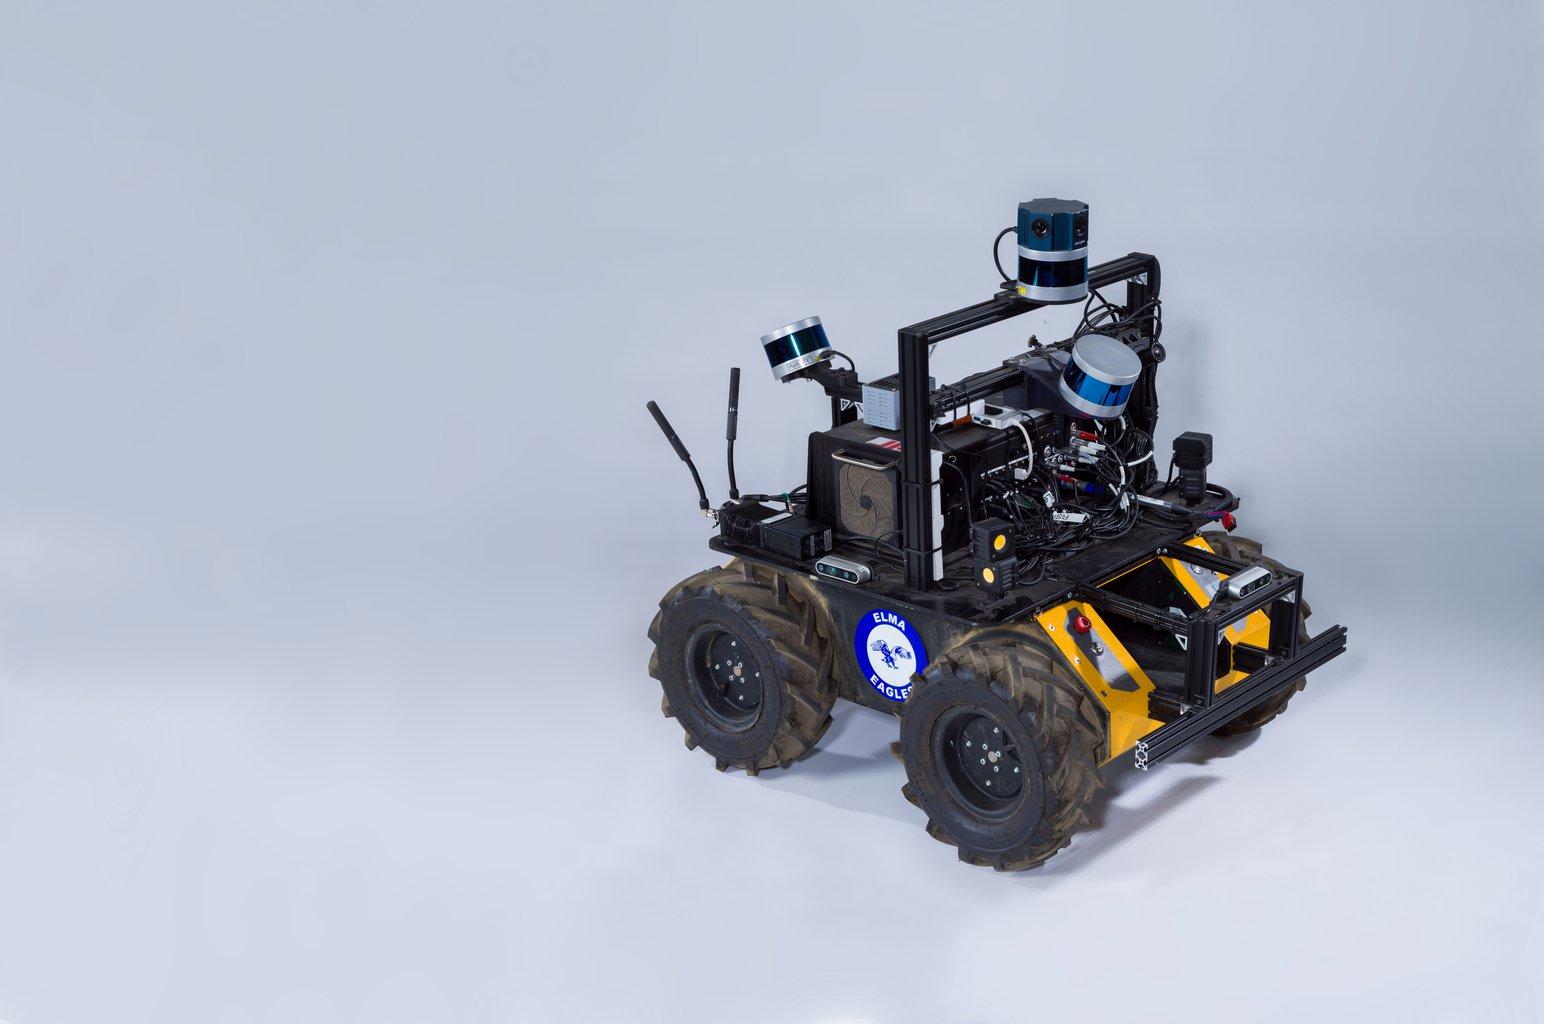 Husky robot